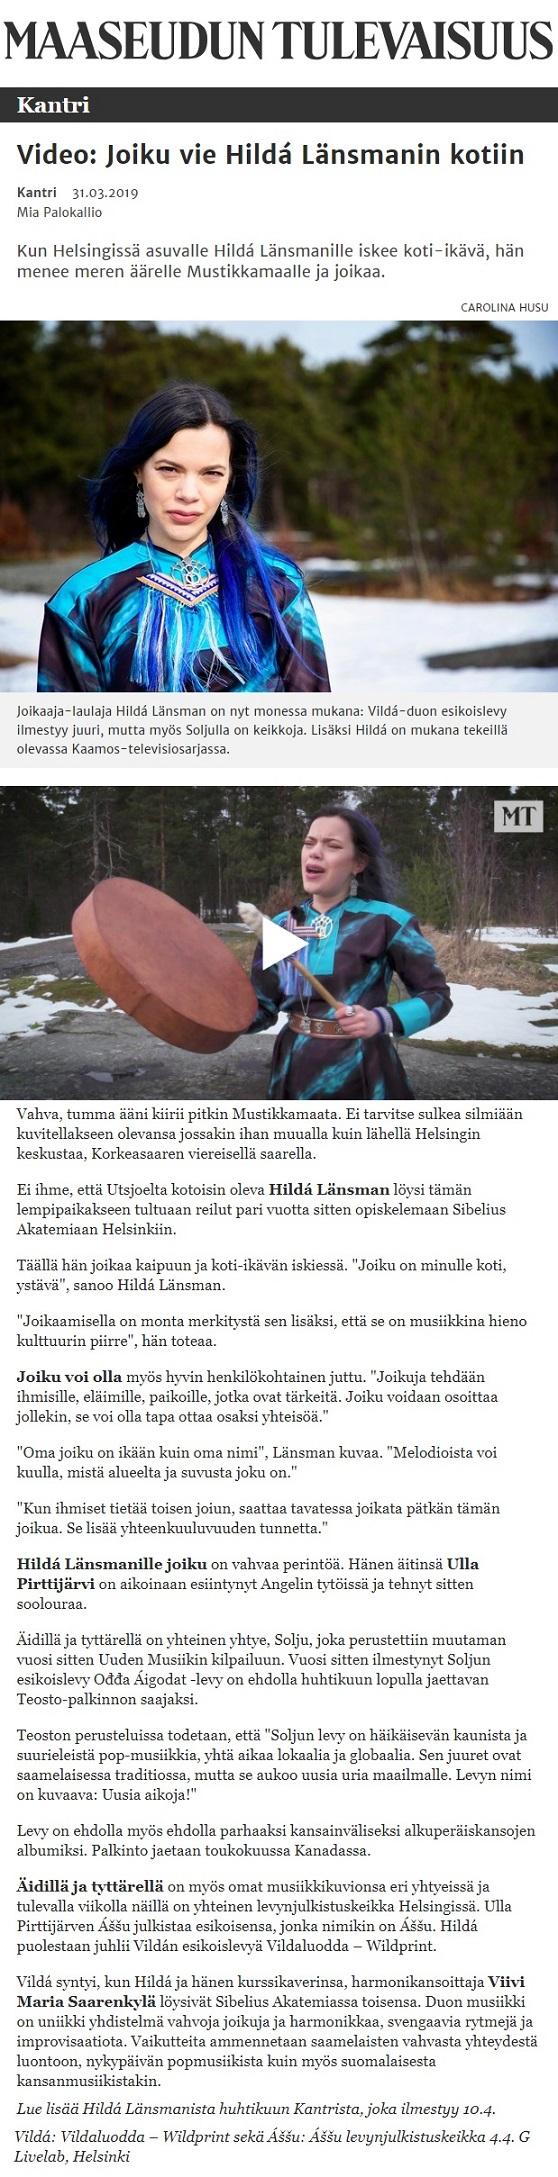 Maaseudun tulevaisuus, Kantri (Finland), 31.3.2019